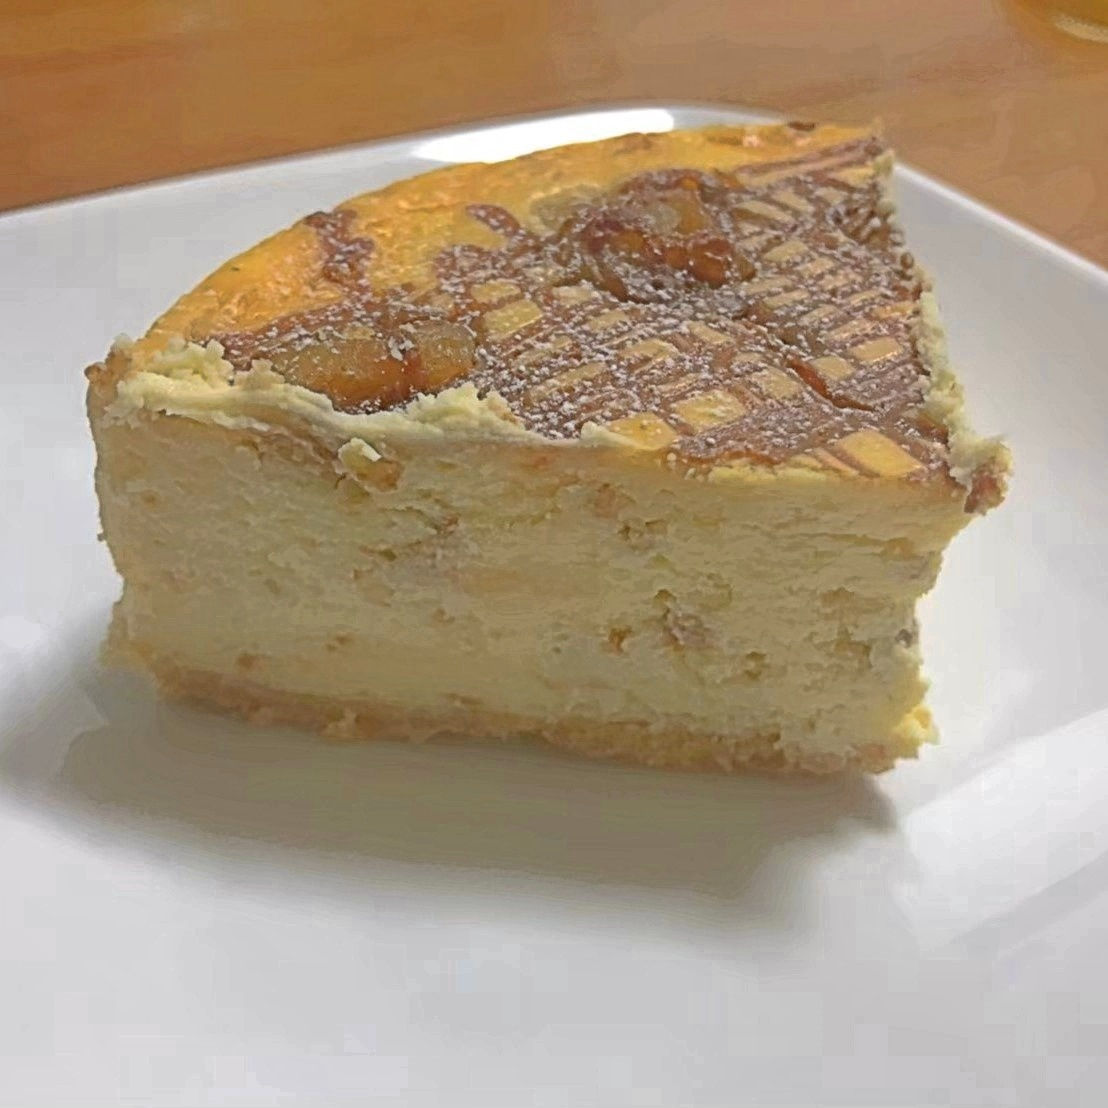 チーズケーキアソートセット 4号 お取り寄せスイーツ ギフトや手土産にも チーズケーキ専門店 食べ比べセット すずとら 3~4人用 ホールケーキ 直径12㎝ アソートセット(6種) 冷凍